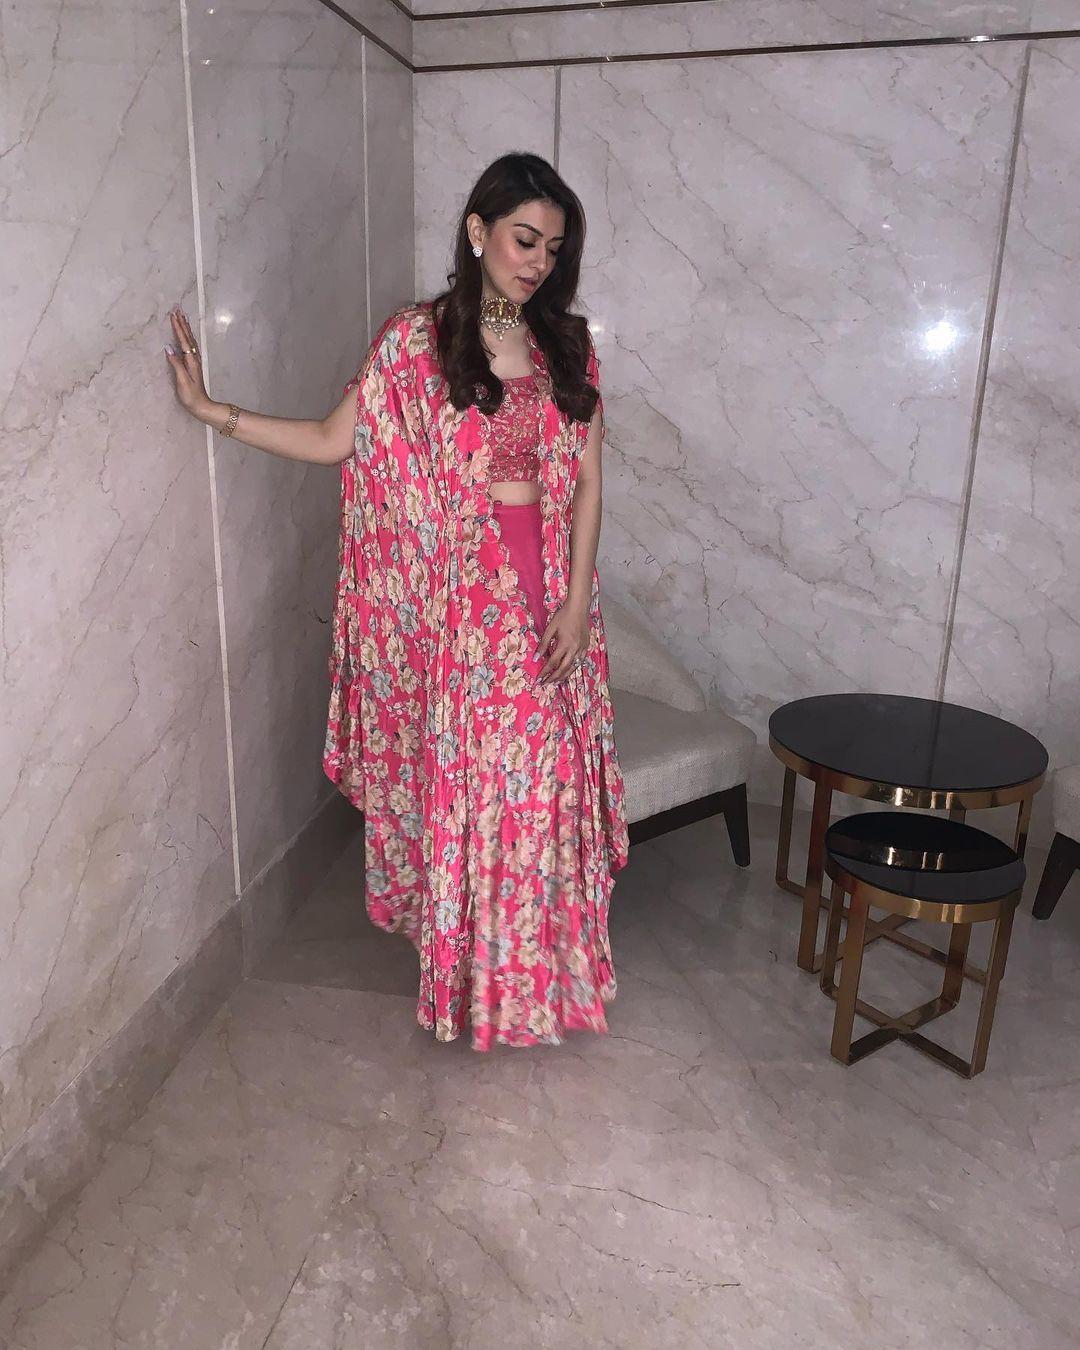 நடிகை ஹன்சிகா (Image : Instagram @ihansika)